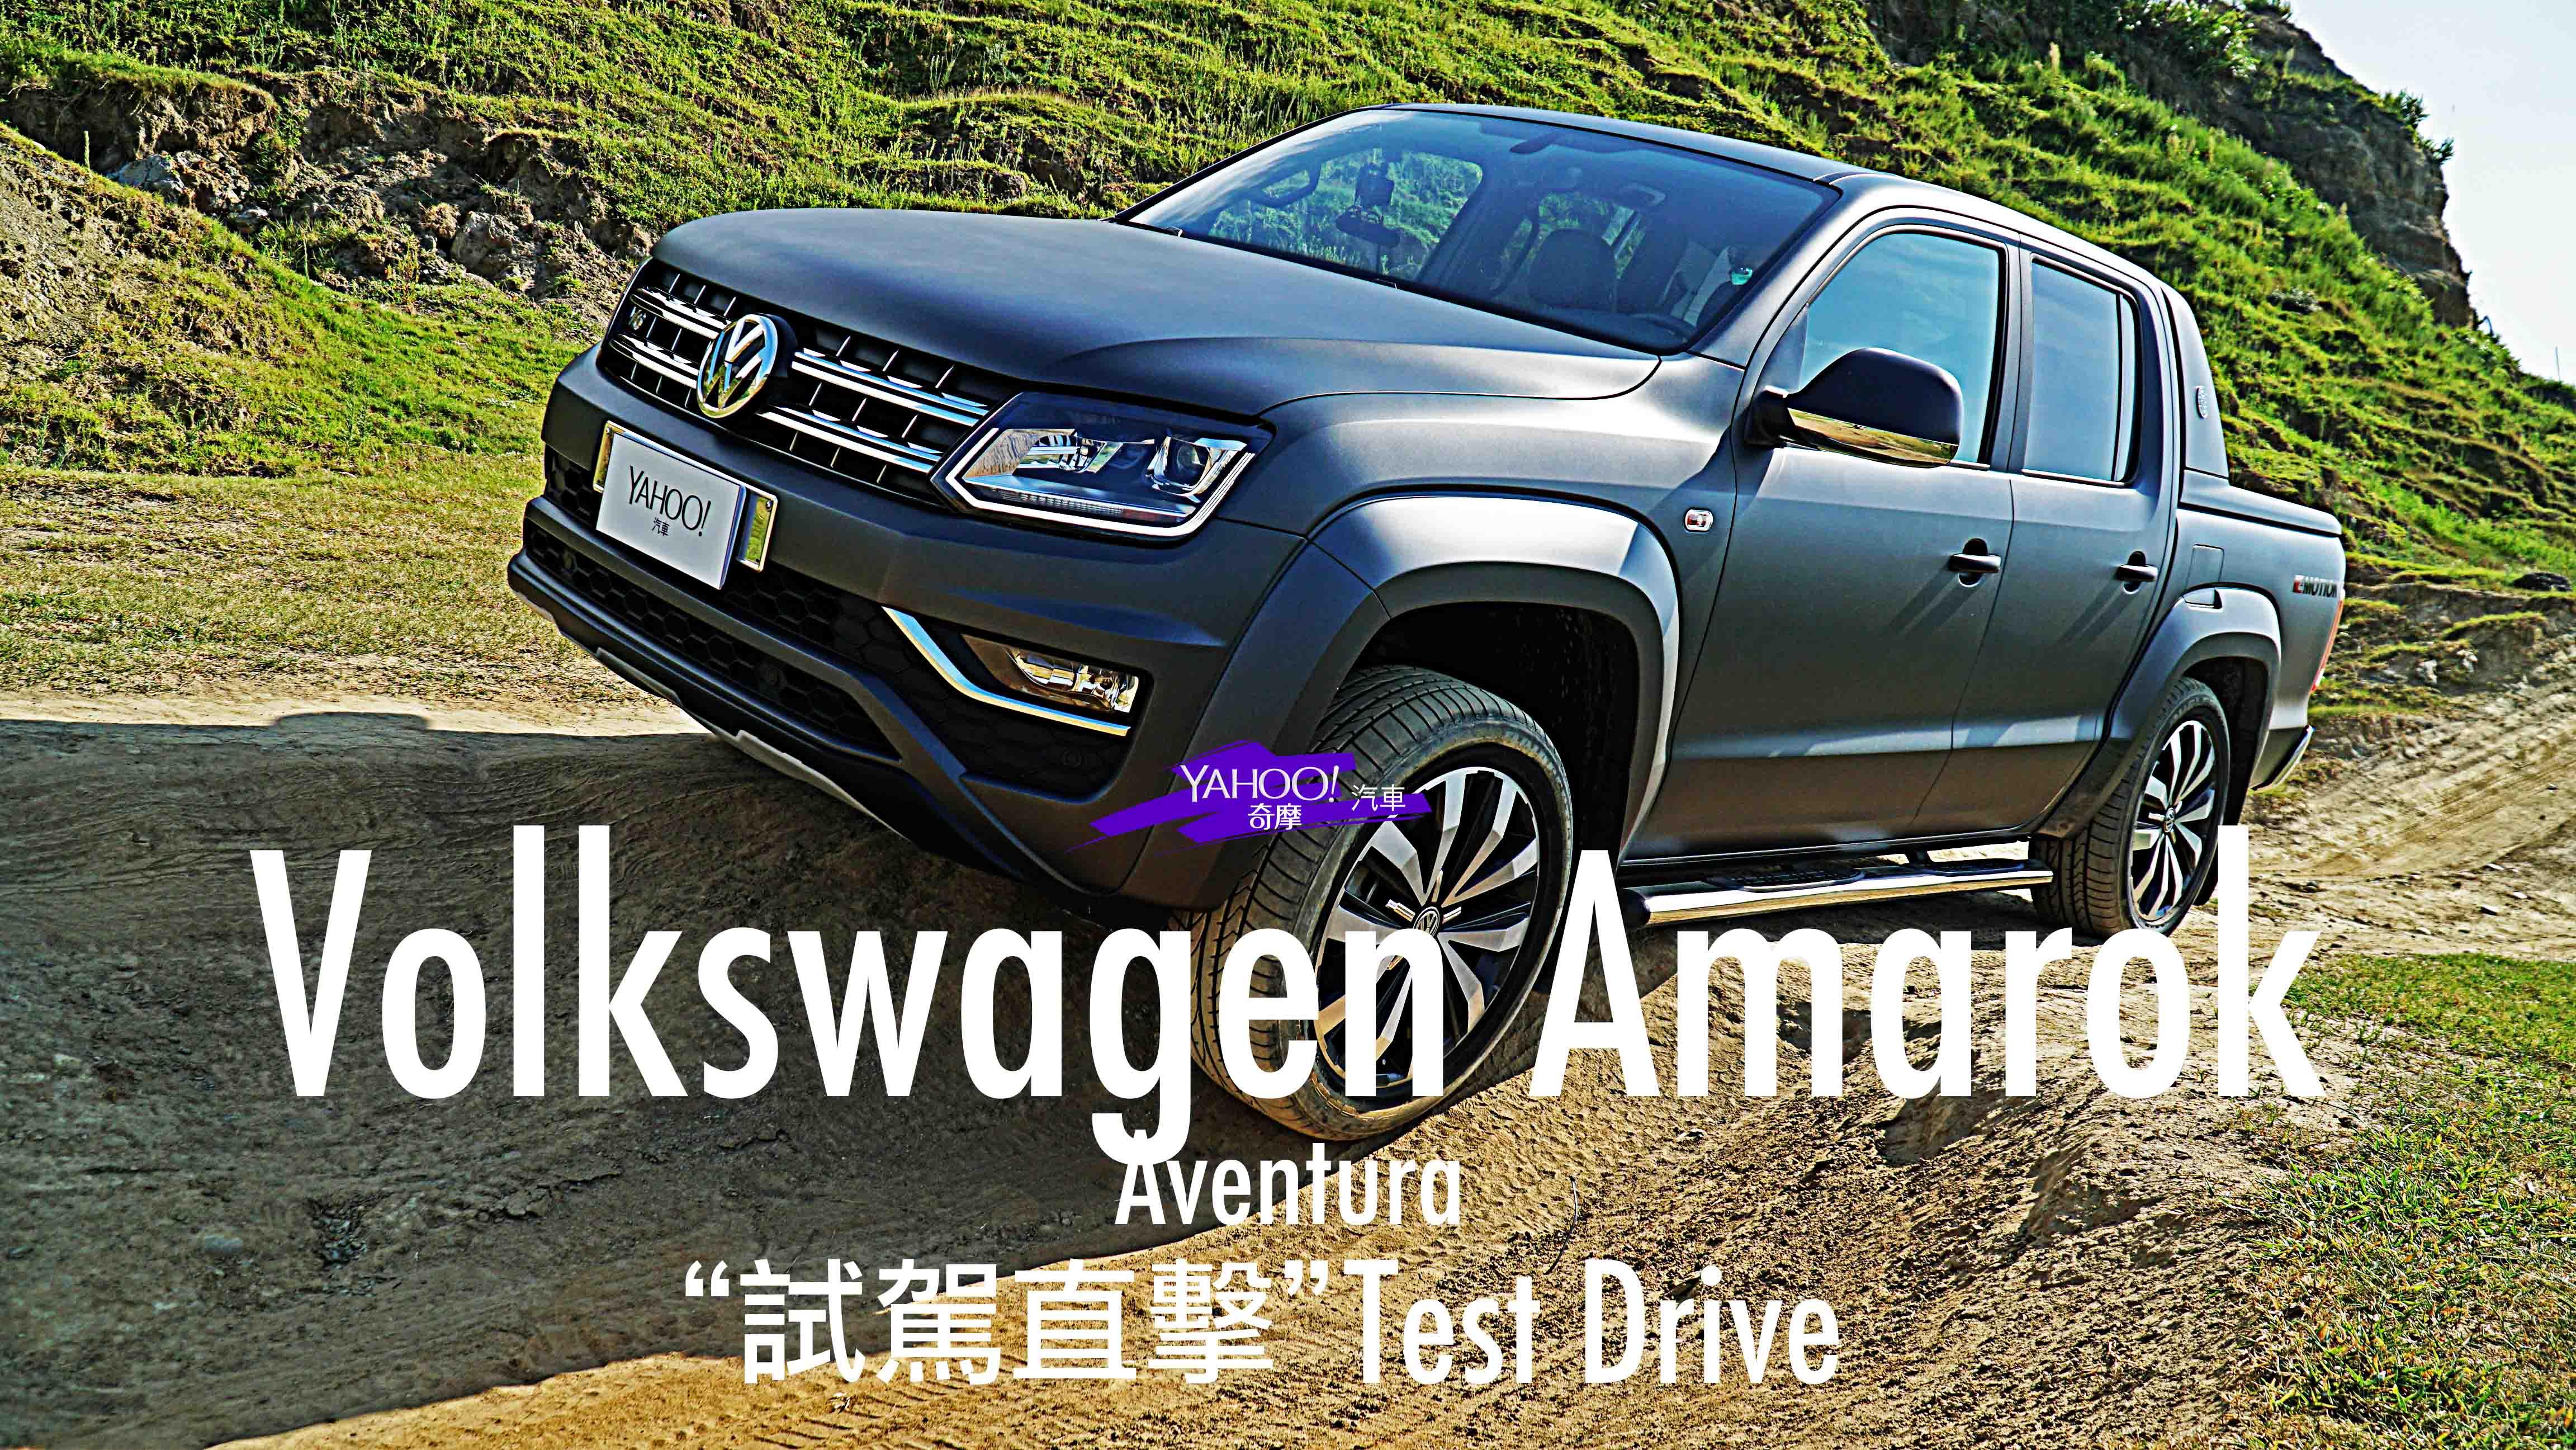 【試駕直擊】裝備滿點的阿爾法戰狼!2019 Volkswagen Amarok Aventura試駕